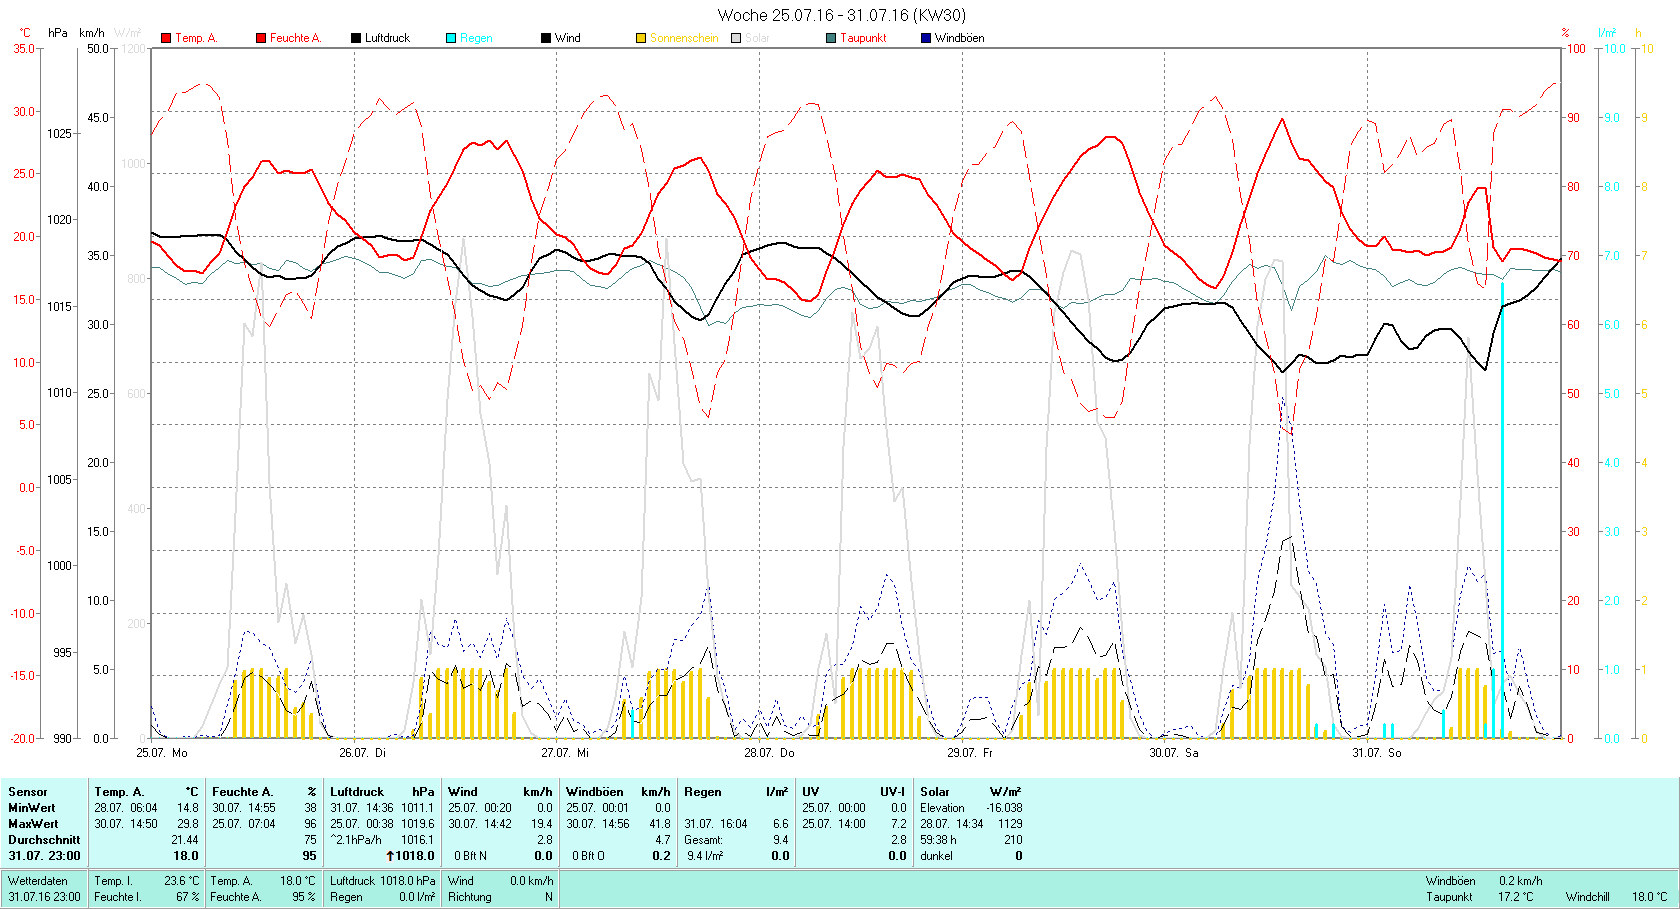 KW 30 Tmin 14.8°C, Tmax 29.8°C, Sonne 59:28h, Niederschlag 9.4mm/2